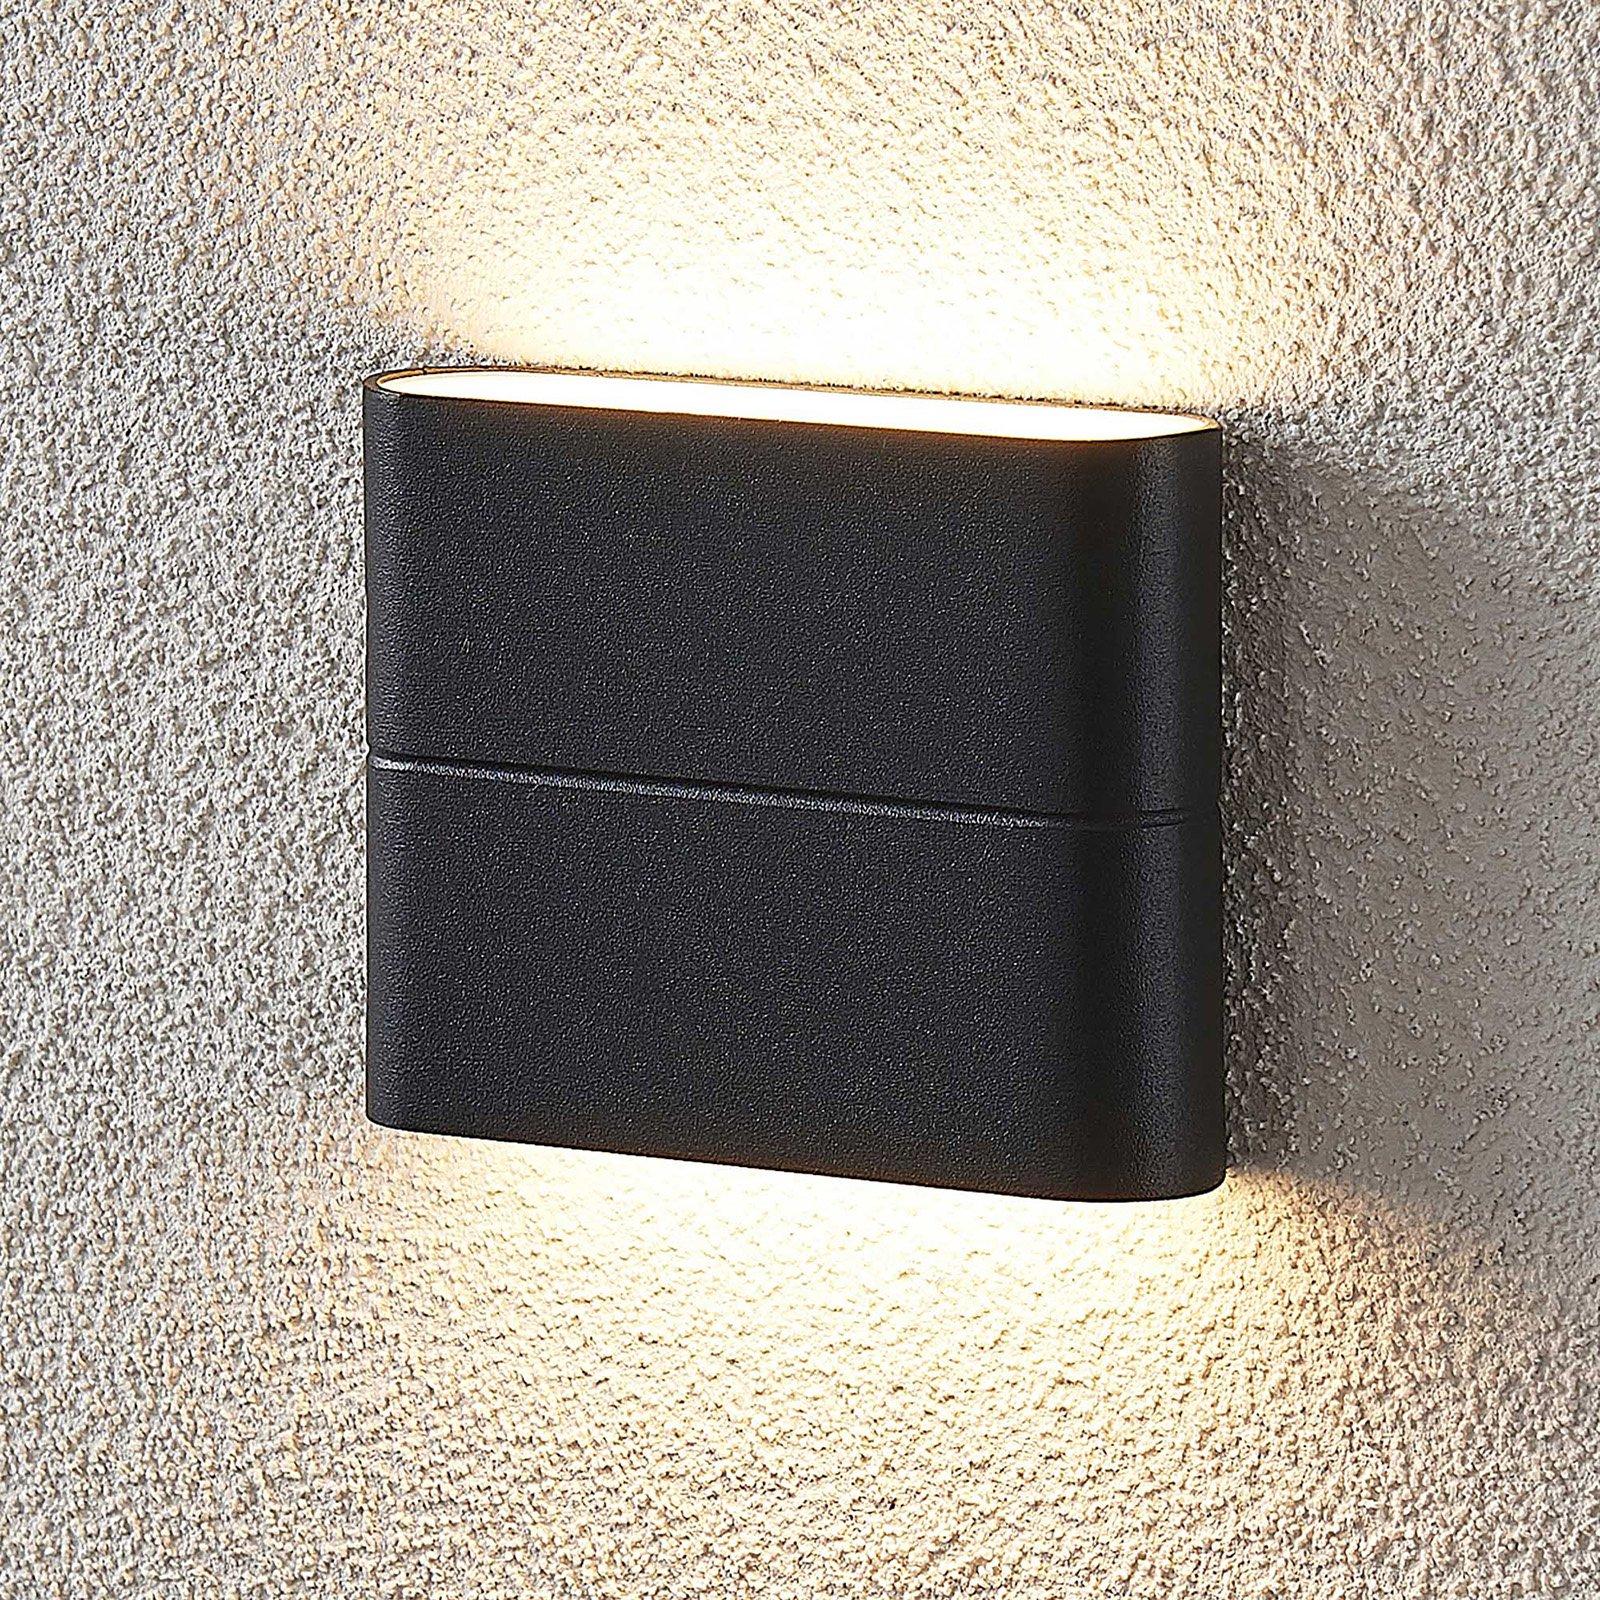 LED-utevegglampe Salka, mørk grå, 11,5 cm